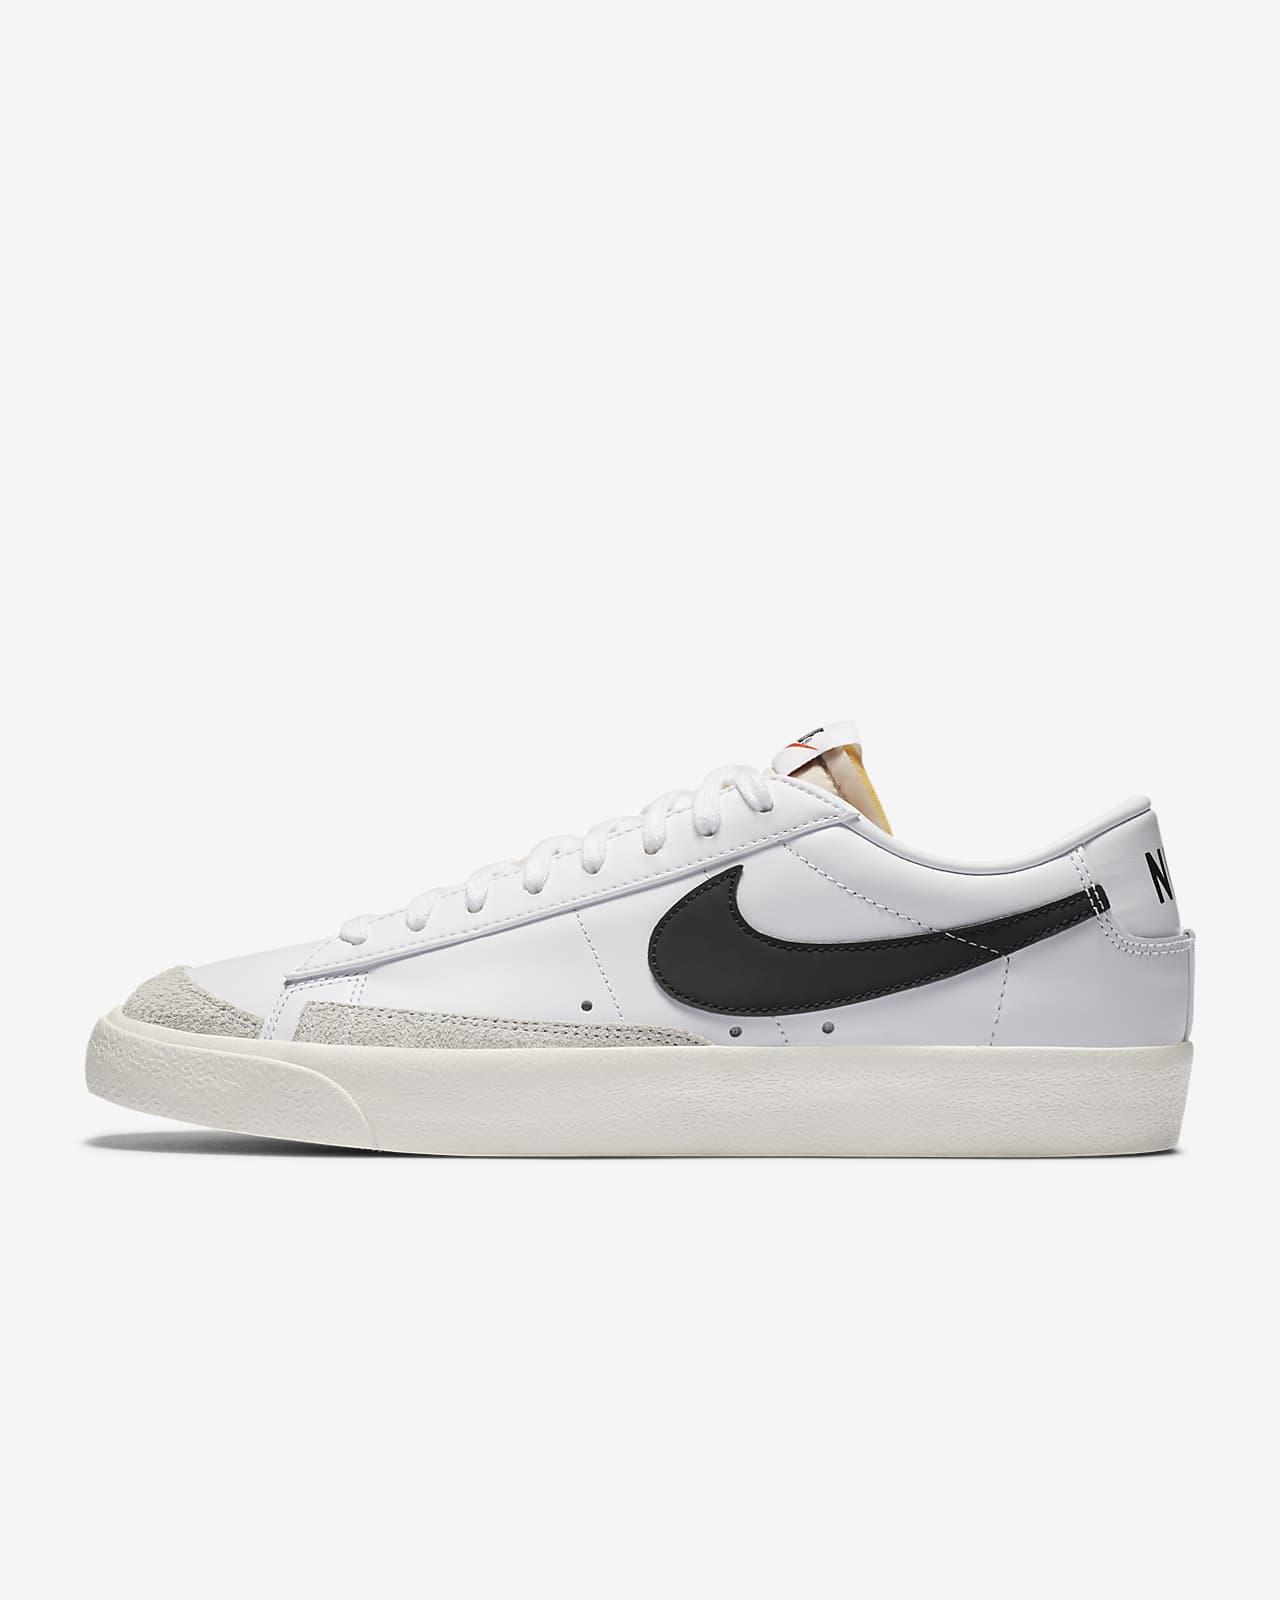 รองเท้าผู้ชาย Nike Blazer Low '77 Vintage